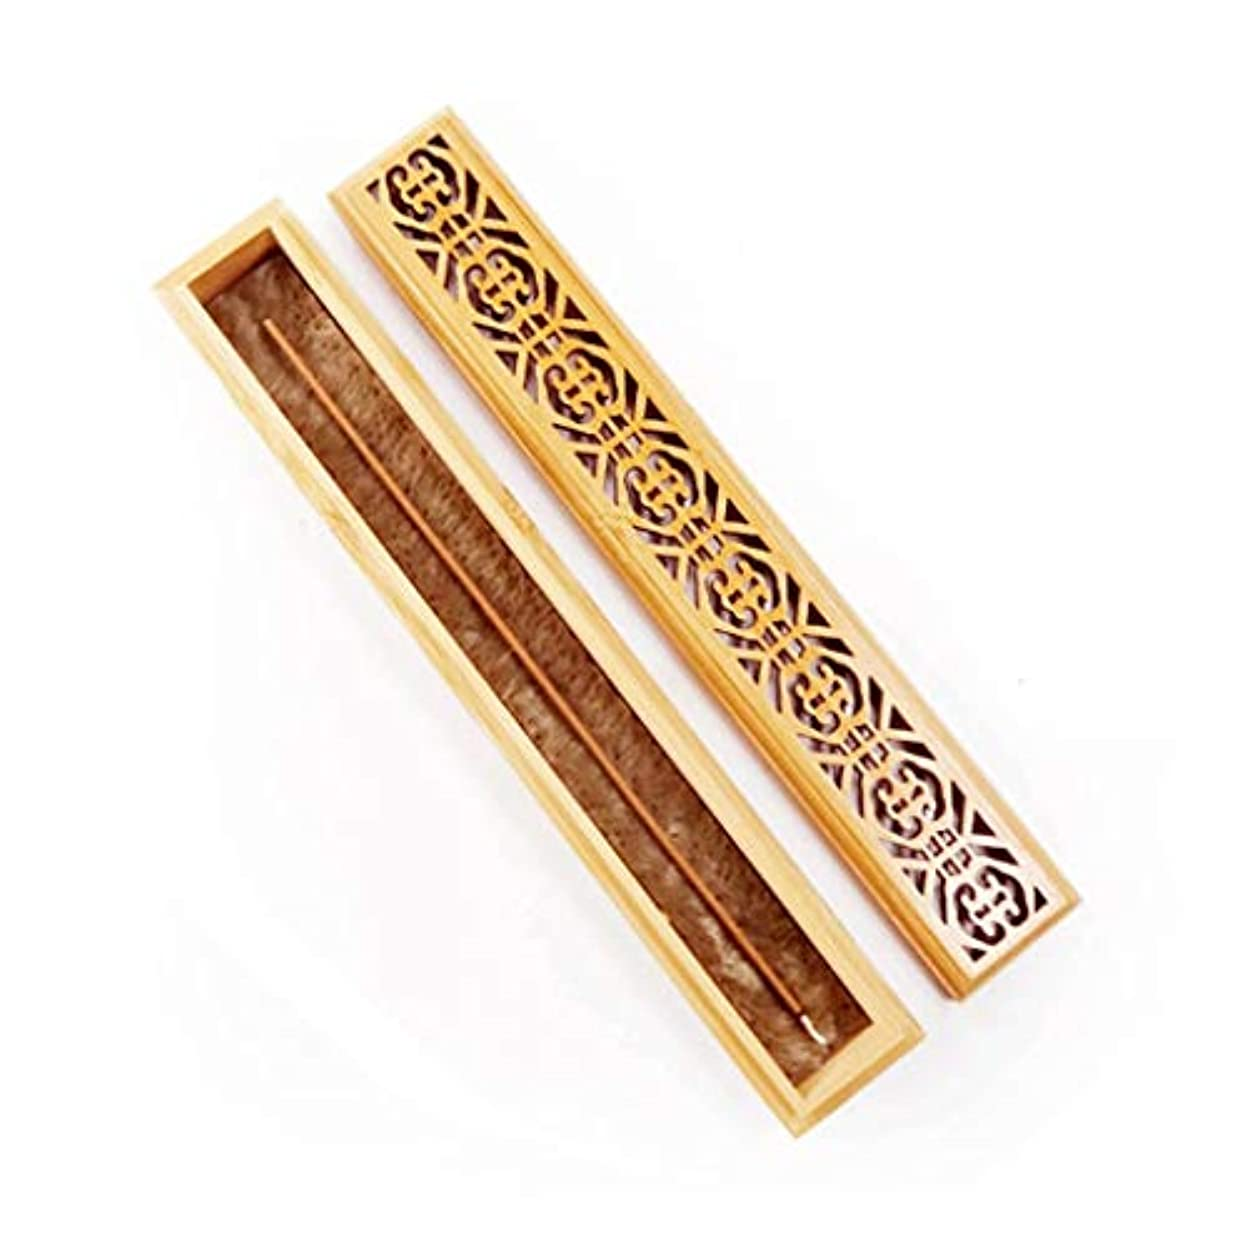 スローガン遺伝子バーマドヴィンテージ長方形の竹香炉中空パターン絶妙なふた香スティックホルダー灰キャッチャーホーム香ホルダー (Color : Wood, サイズ : 9.29*1.45*1.02inchs)